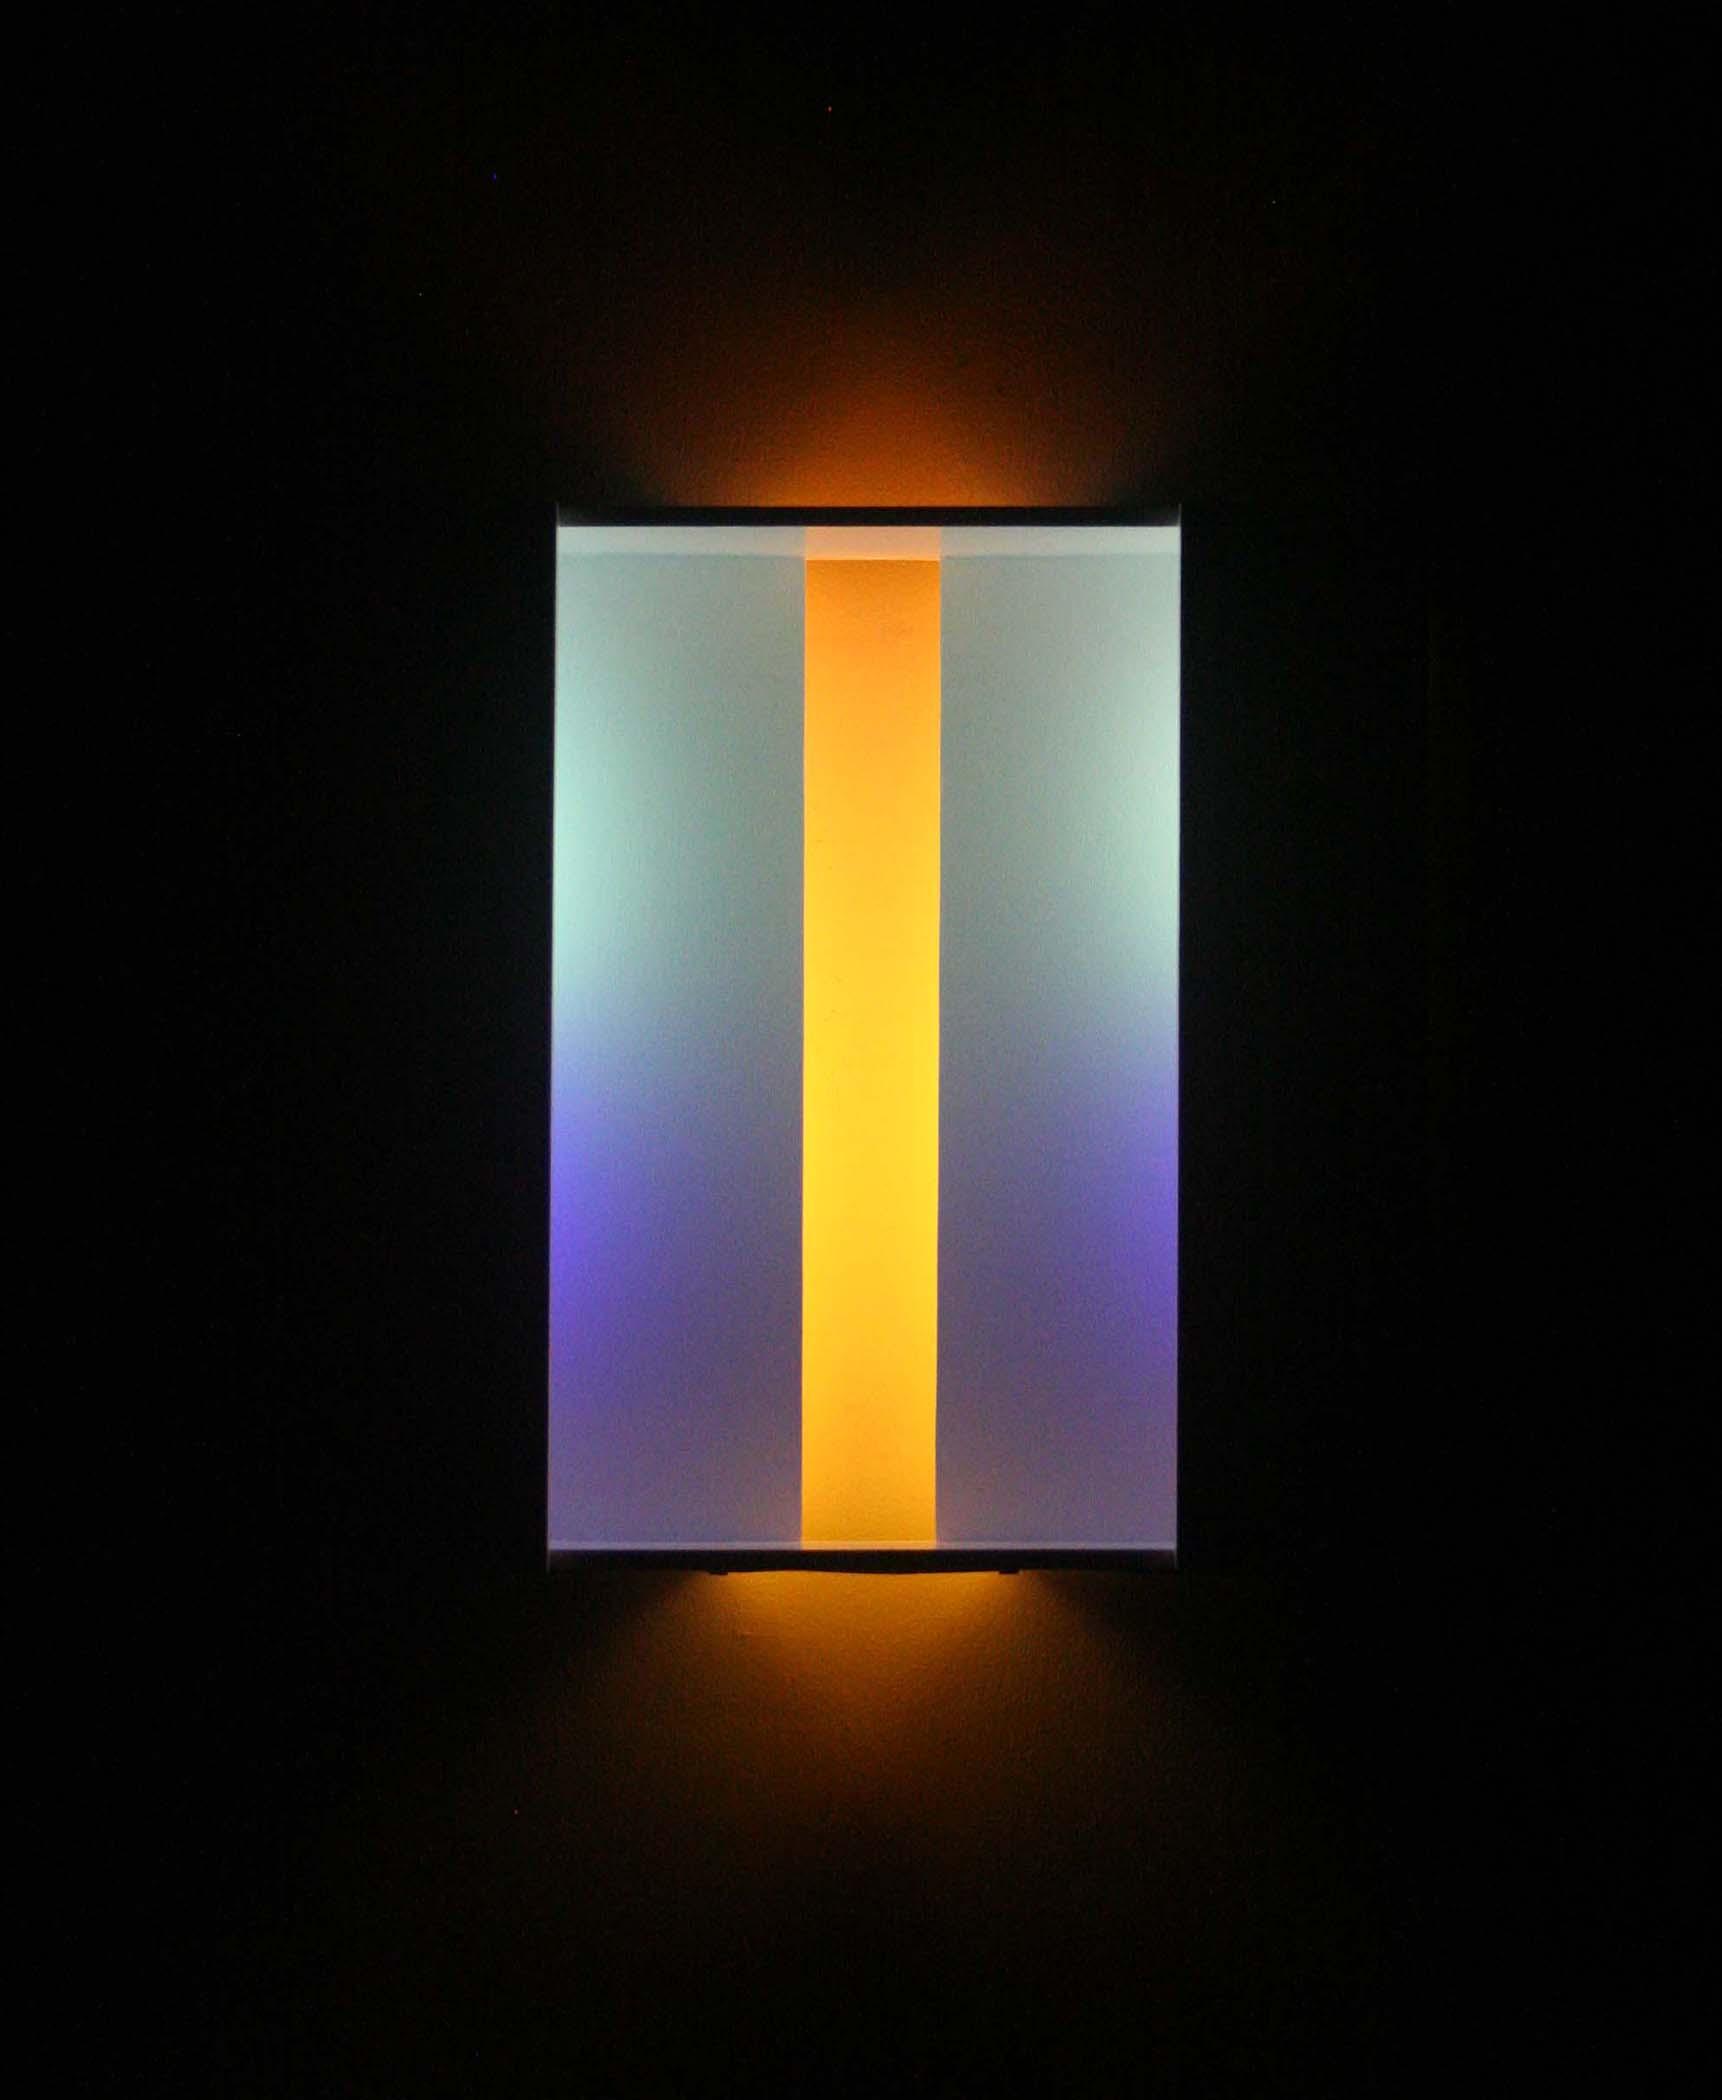 """Yellow-Orange Rift, 2017, ,(Light sculpture: Fluorescent lights, wood, metal, acrylic paint), 24""""x25""""x8"""""""